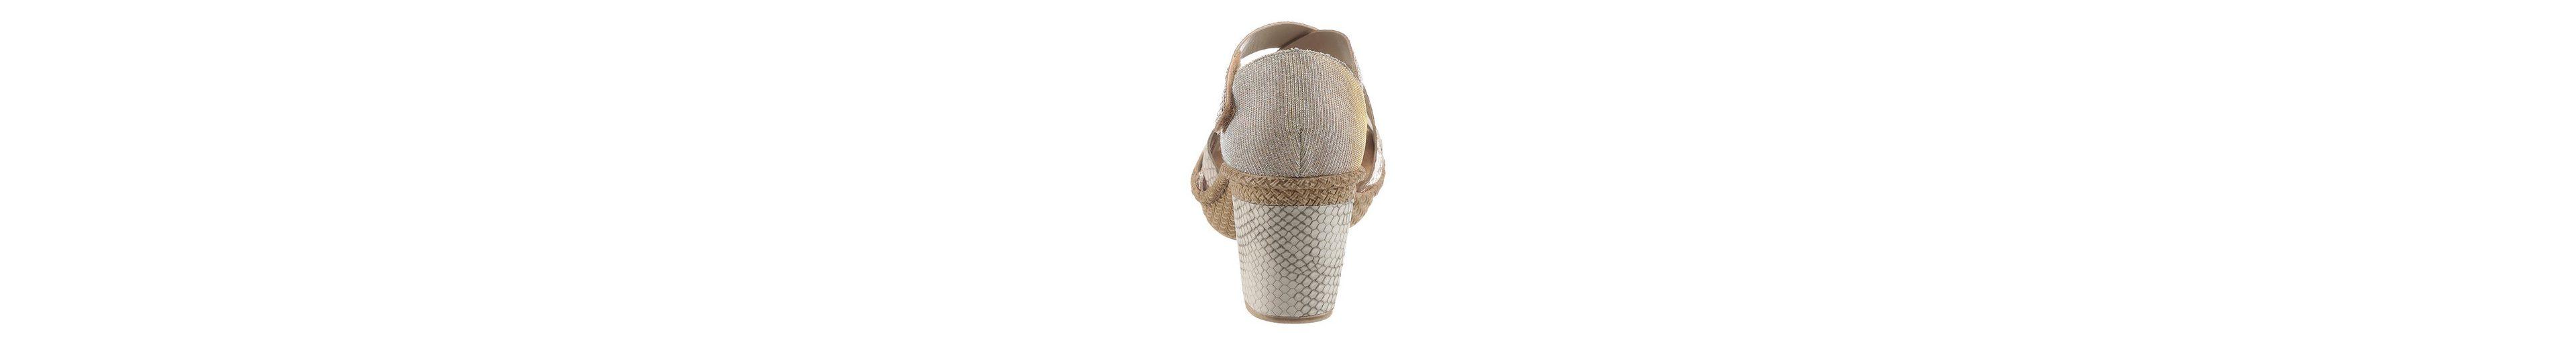 Rieker Sandalette, im Reptil-Look